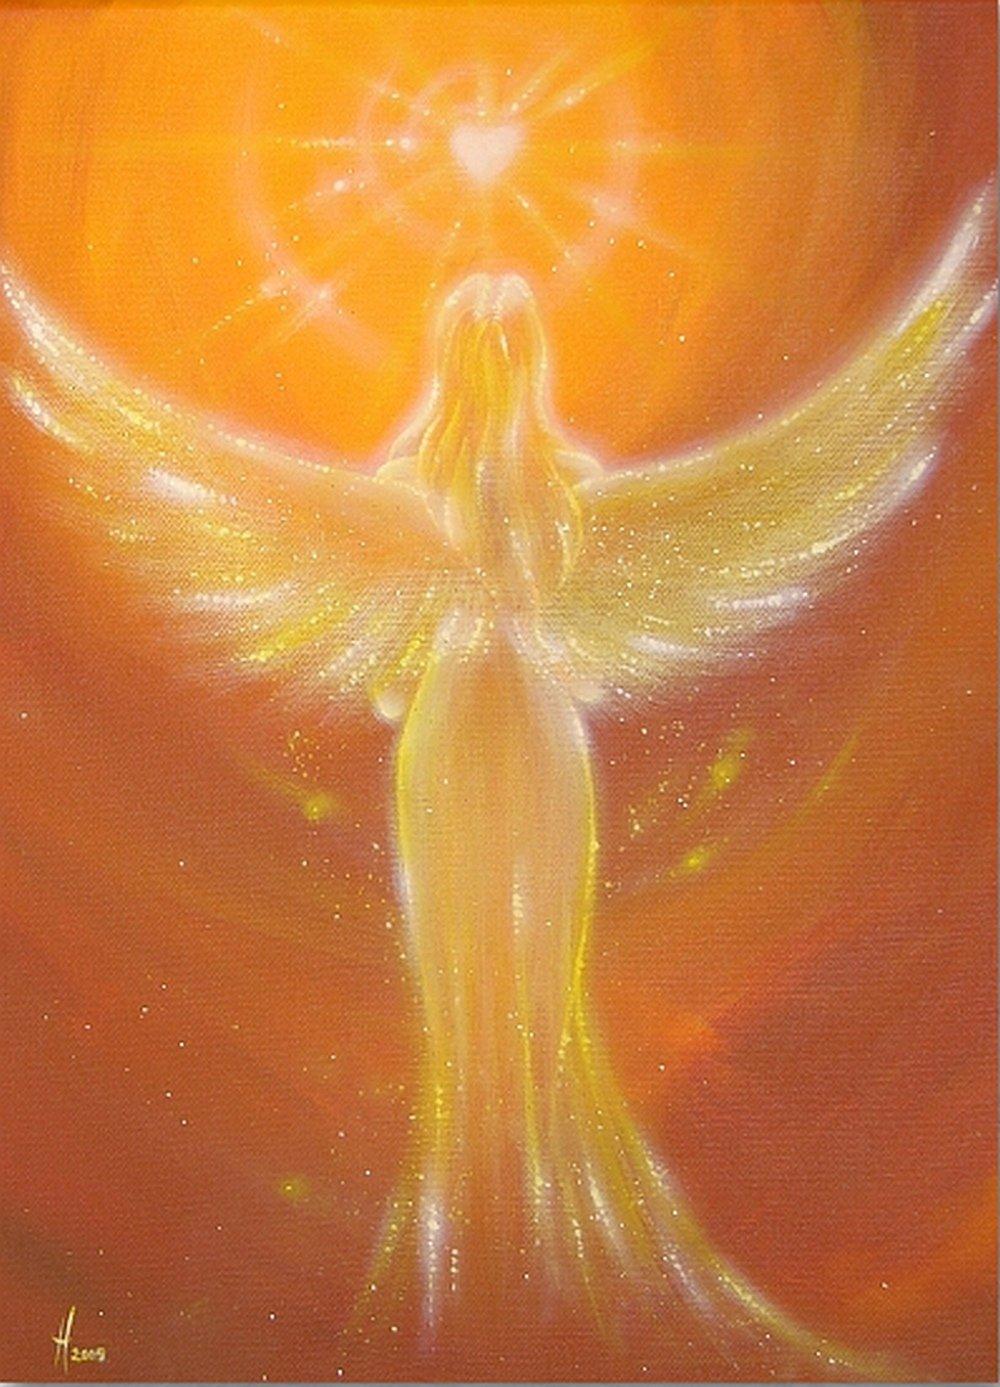 Beste Freundin Geschenkideen f/ür Frau Engelbild in Braun Orange Gelb Kunstfoto: Das Herz wei/ß es Herzbild mit Engel